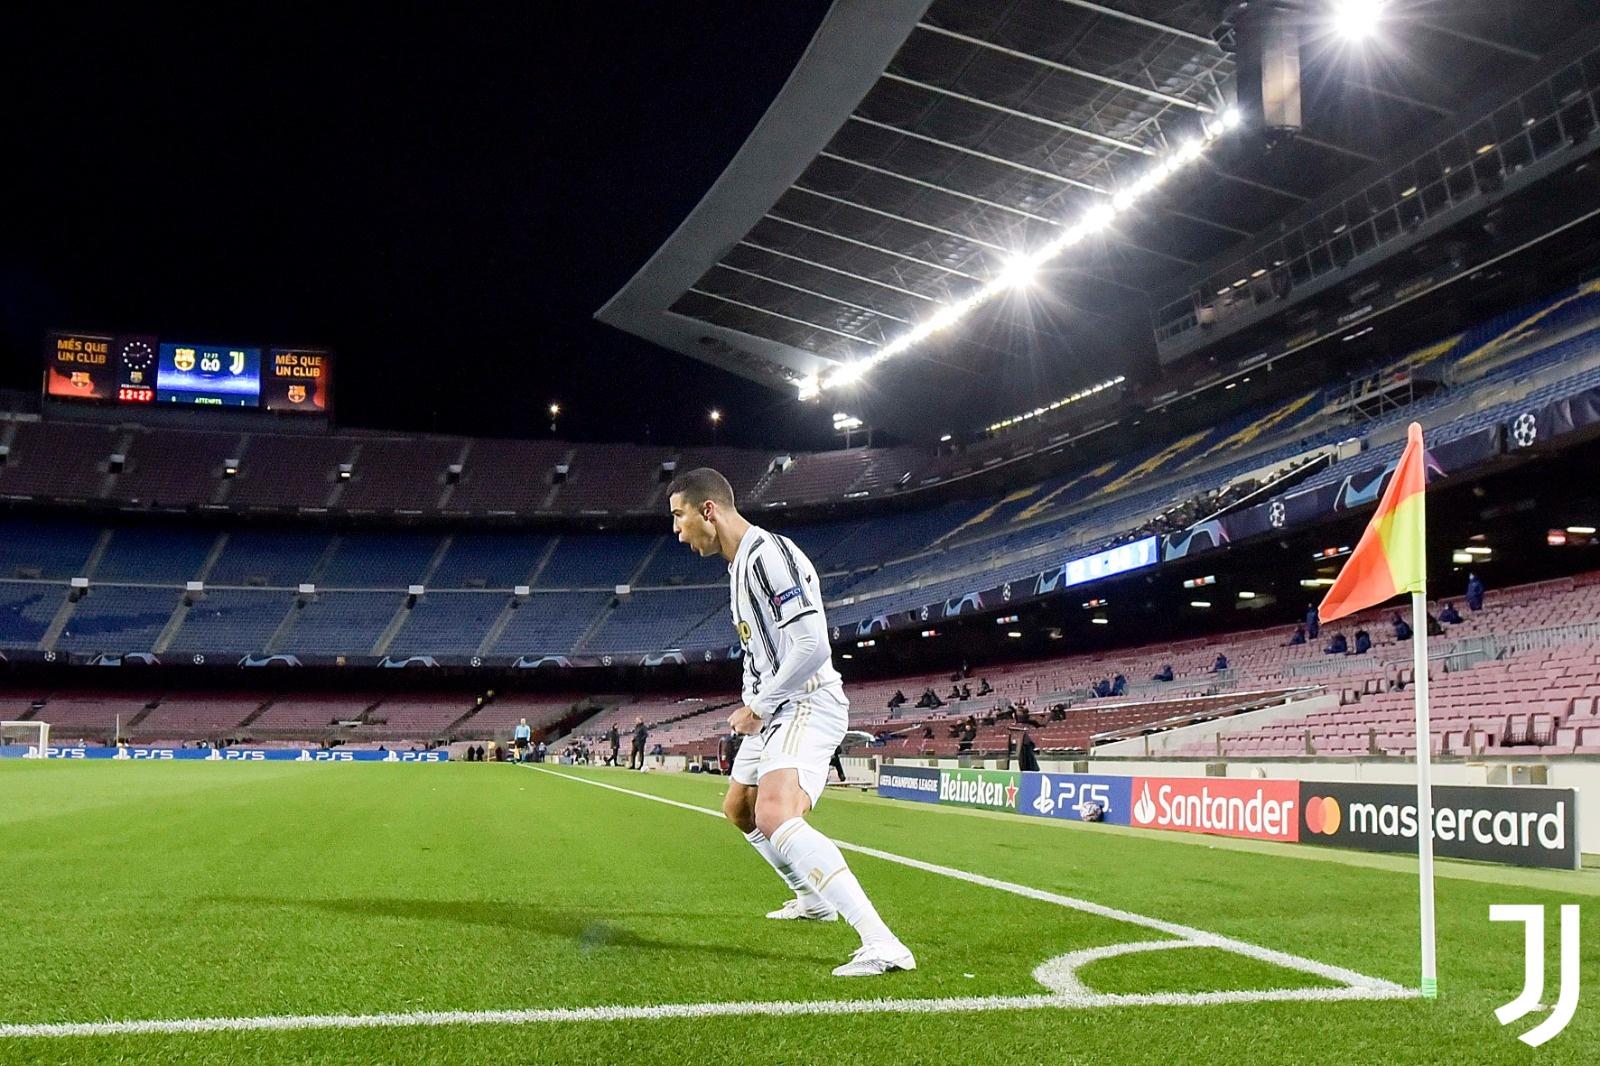 Con doblete de Cristiano, Juve arrebata liderato a Barcelona con victoria de 3-0